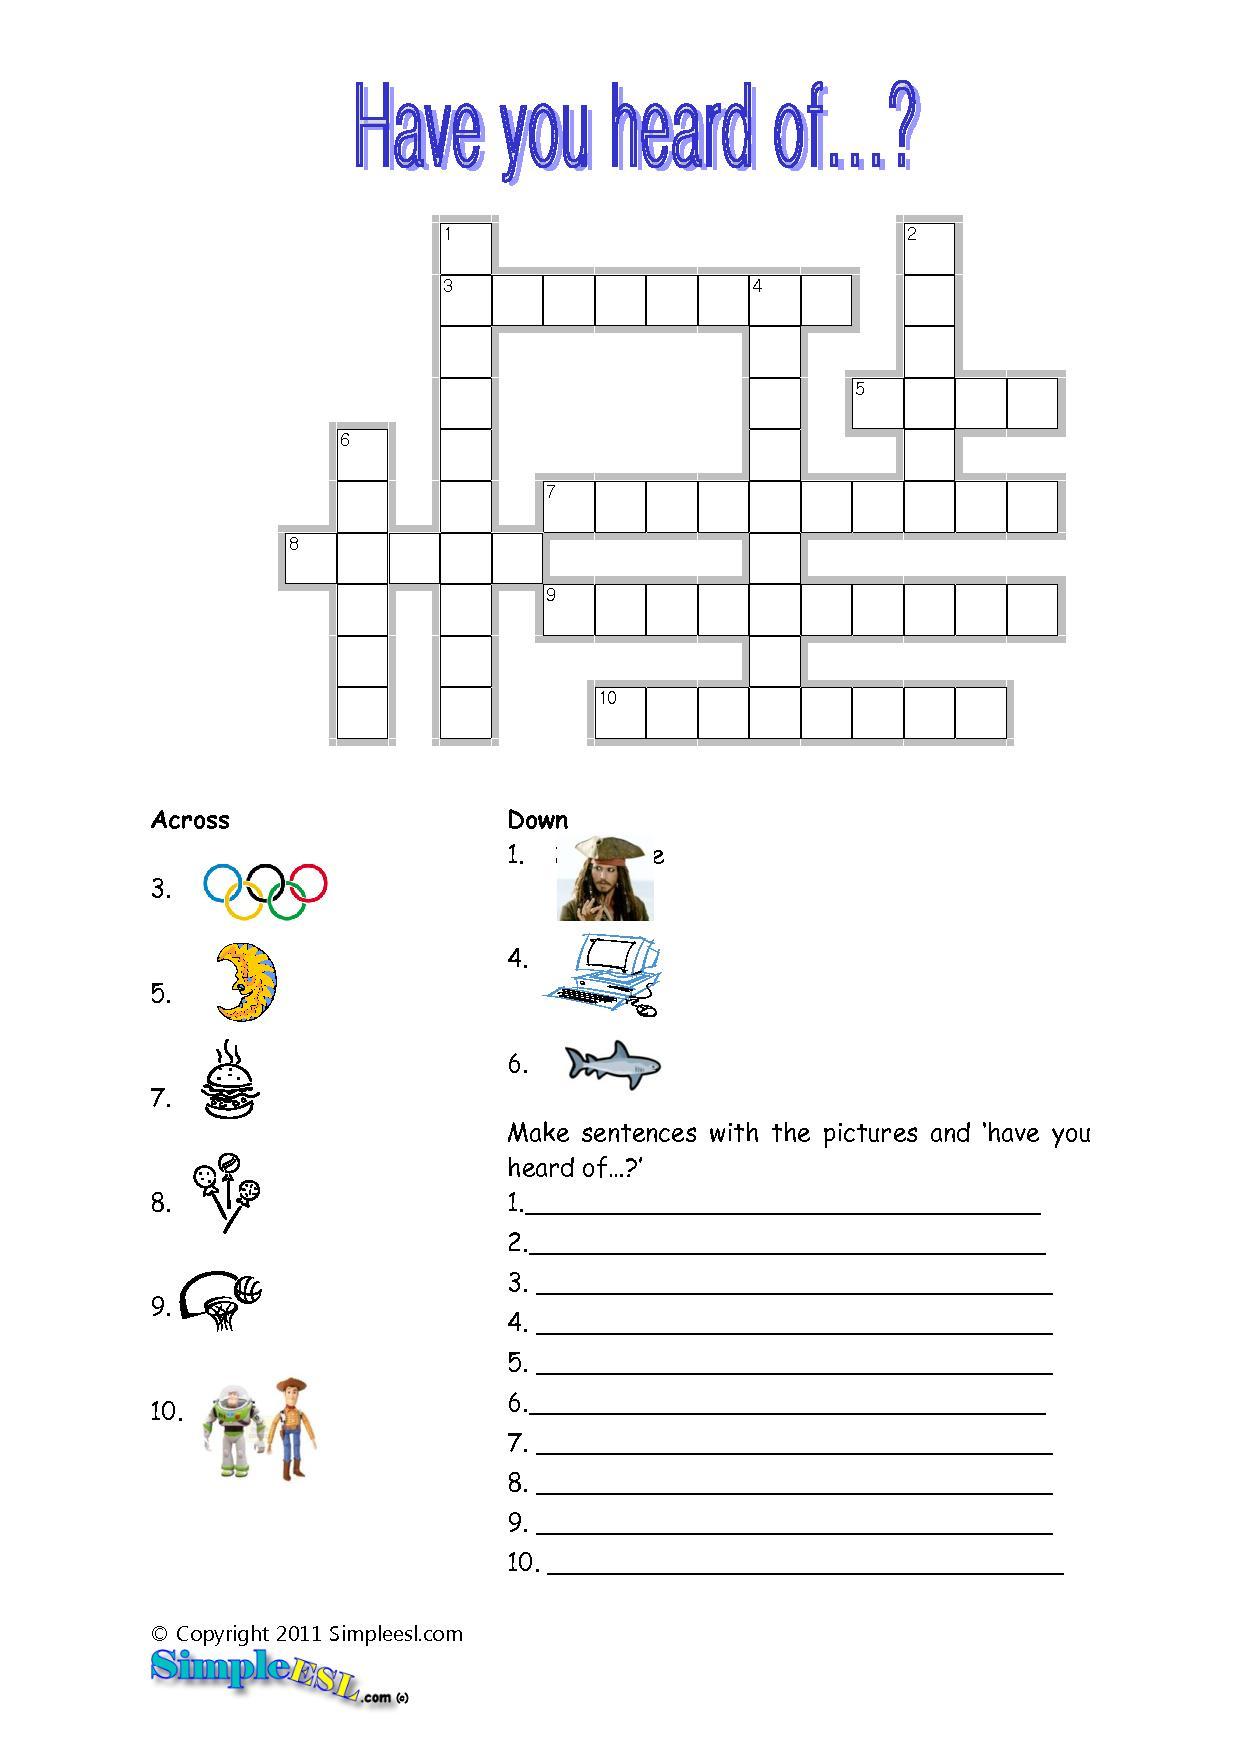 15 Best Photos Of Esl Printable Worksheets Crossword - Printable - Printable Crossword Puzzles For Esl Learners